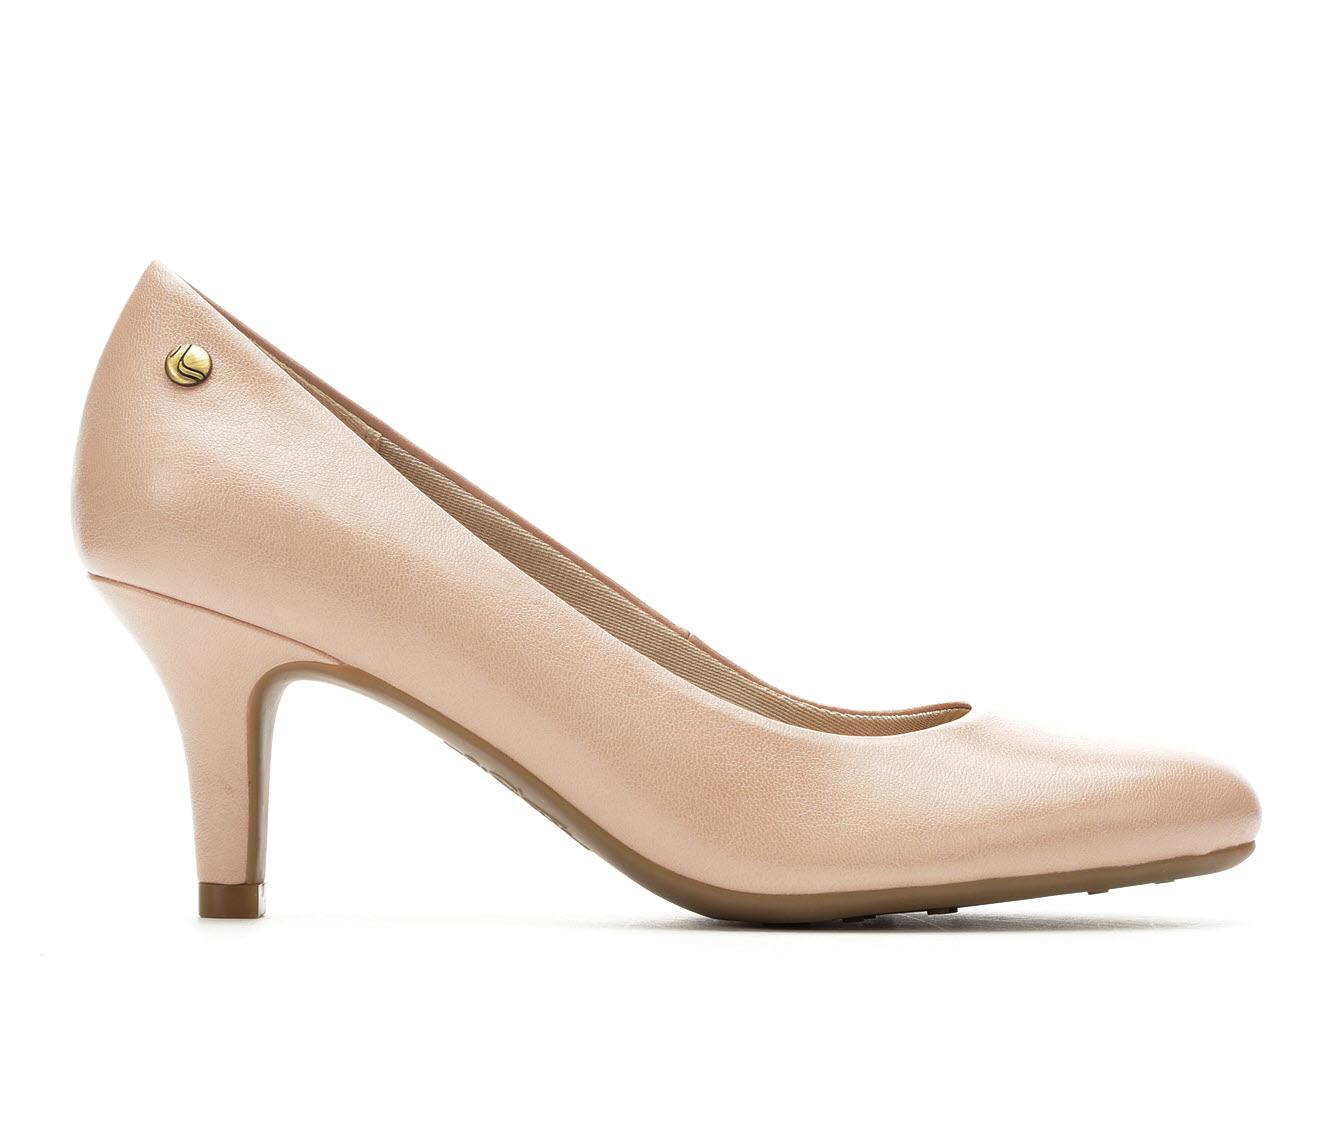 LifeStride Parigi Women's Dress Shoe (Pink Faux Leather)